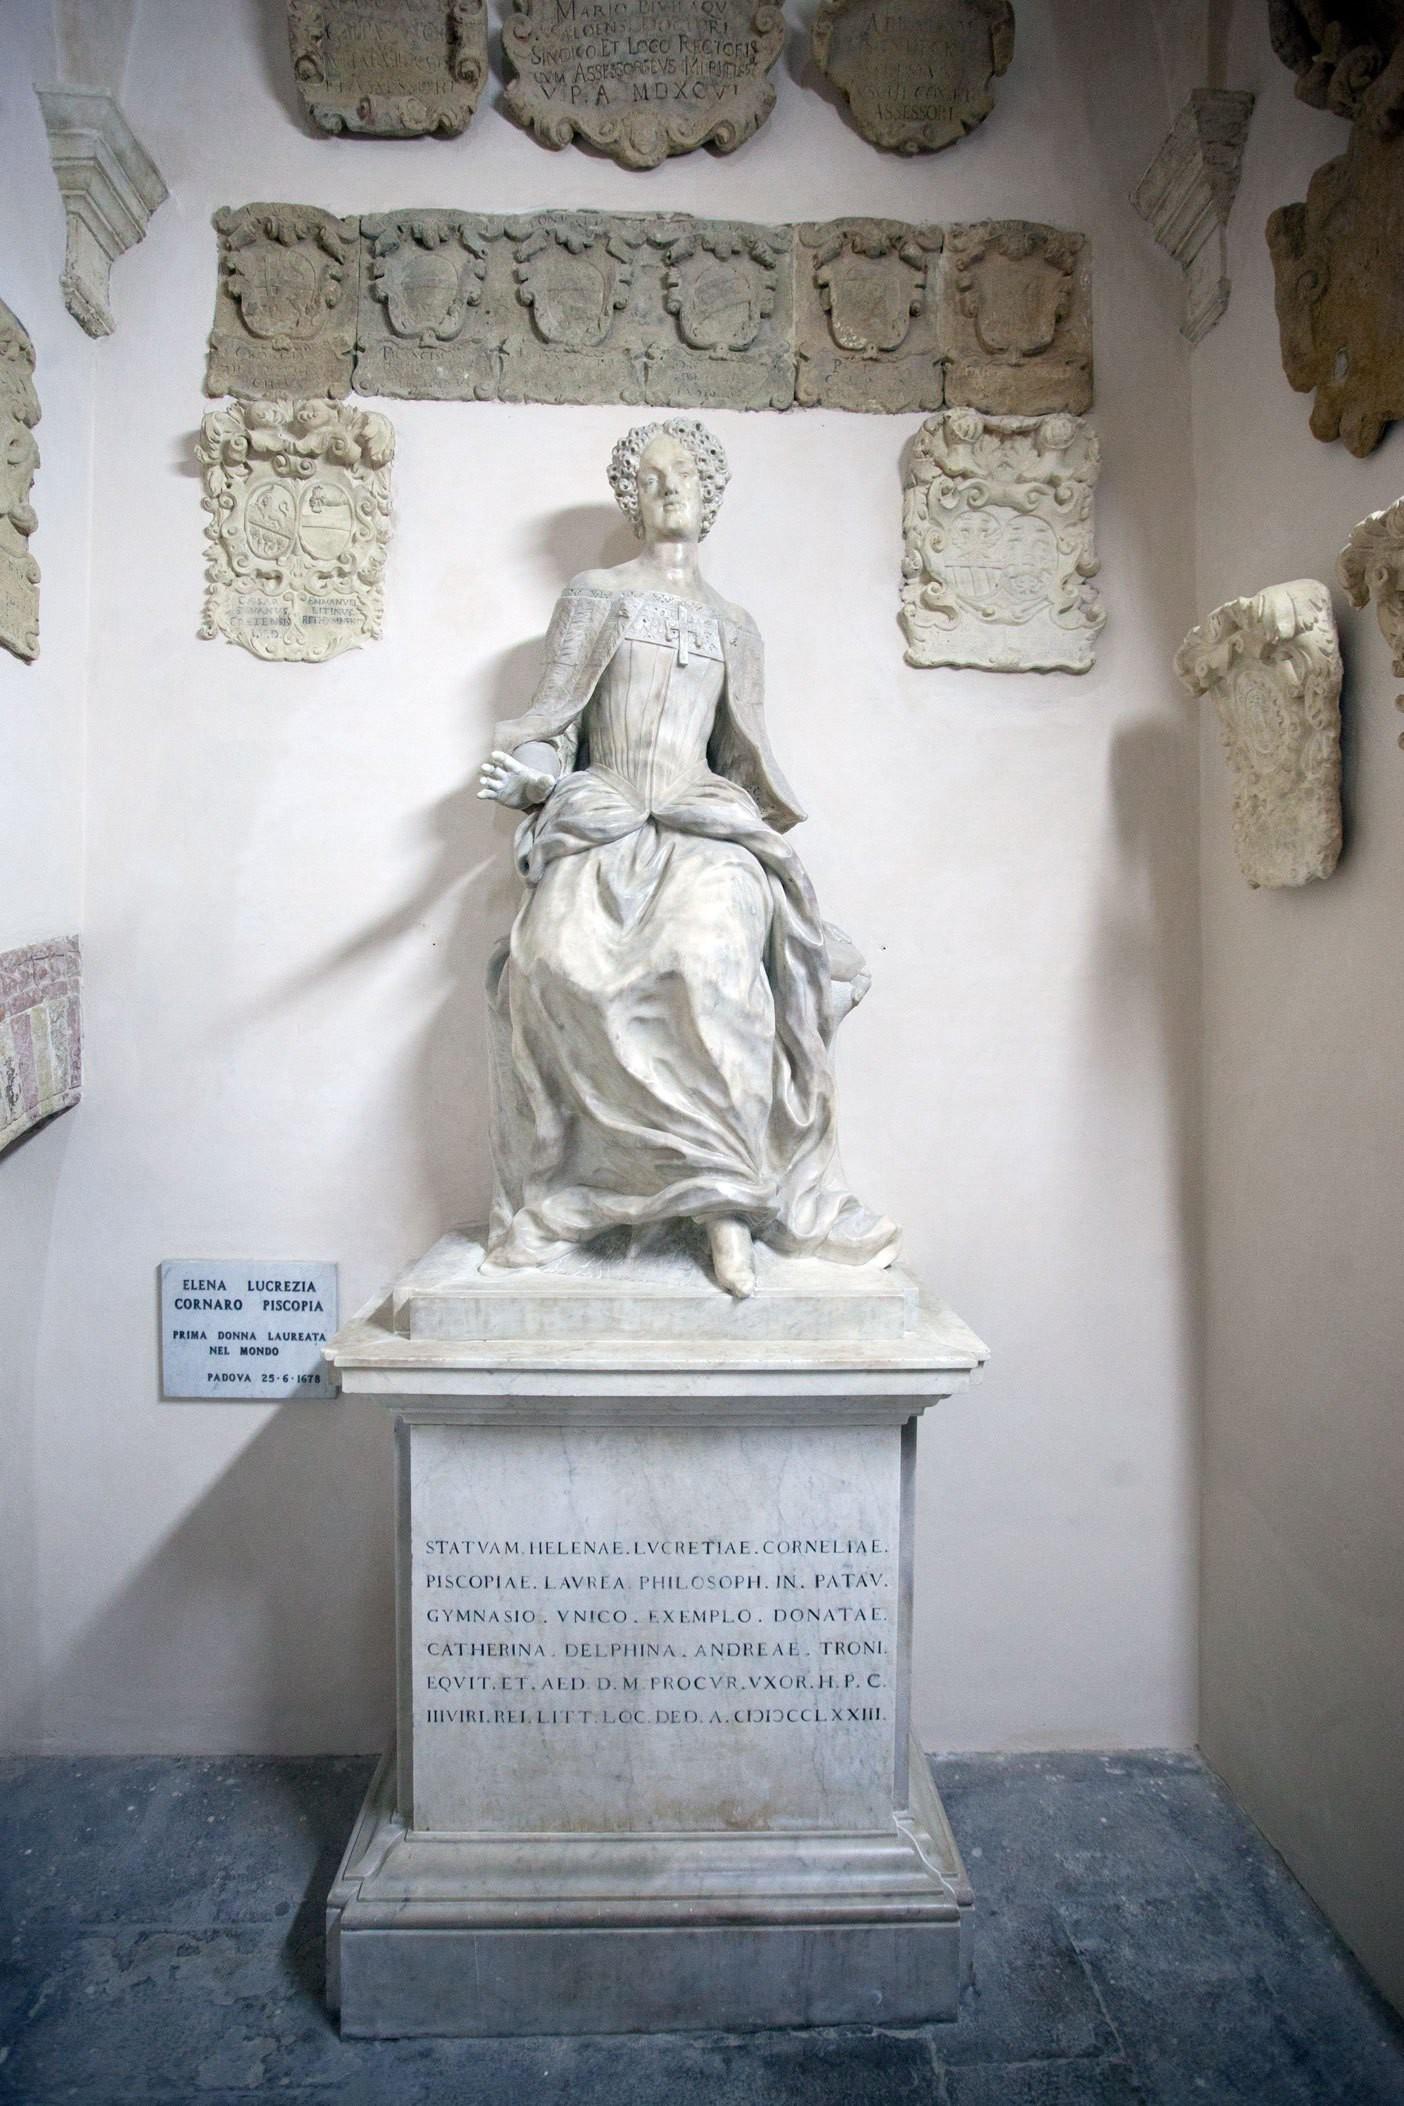 Elena Cornaro Piscopia - Nữ tiến sĩ triết học đầu tiên trên thế giới được Google kỷ niệm 373 năm ngày sinh - Ảnh 3.